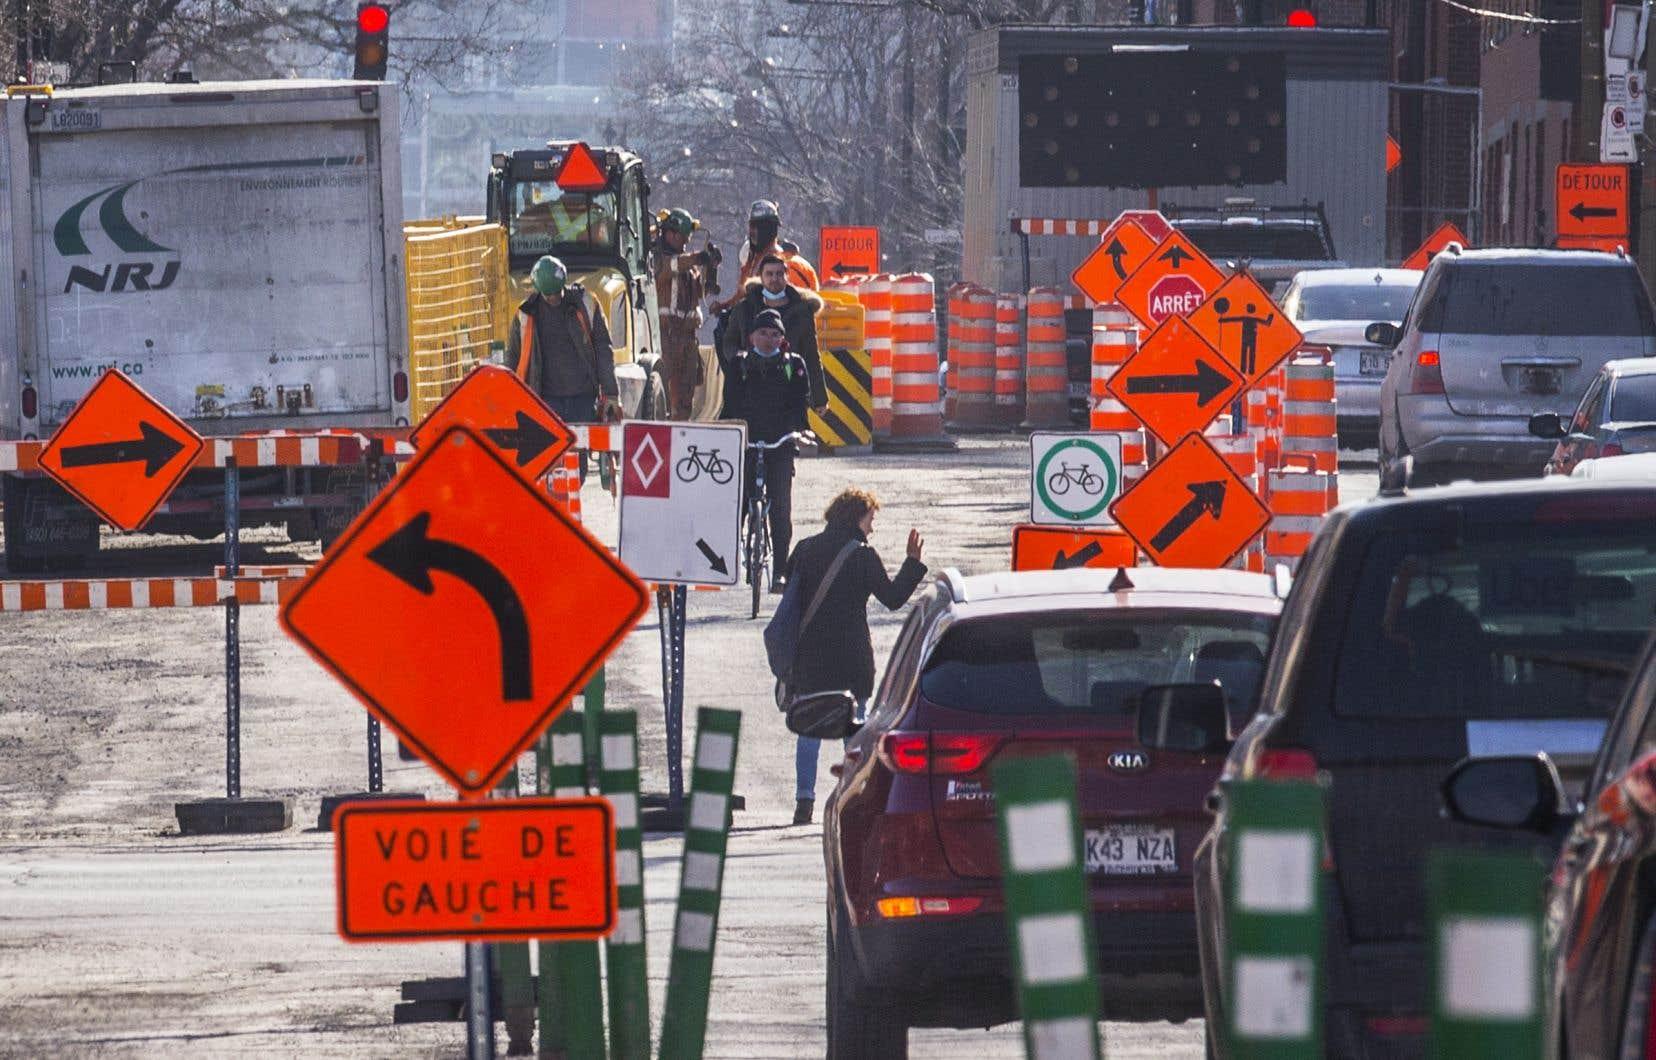 La Ville estime à une soixantaine le nombre de chantiers routiers qui sont maintenus. Une vingtaine d'autres, qui avaient débuté avant le déclenchement de la grève, ont été suspendus et moins de 40 seraient reportés